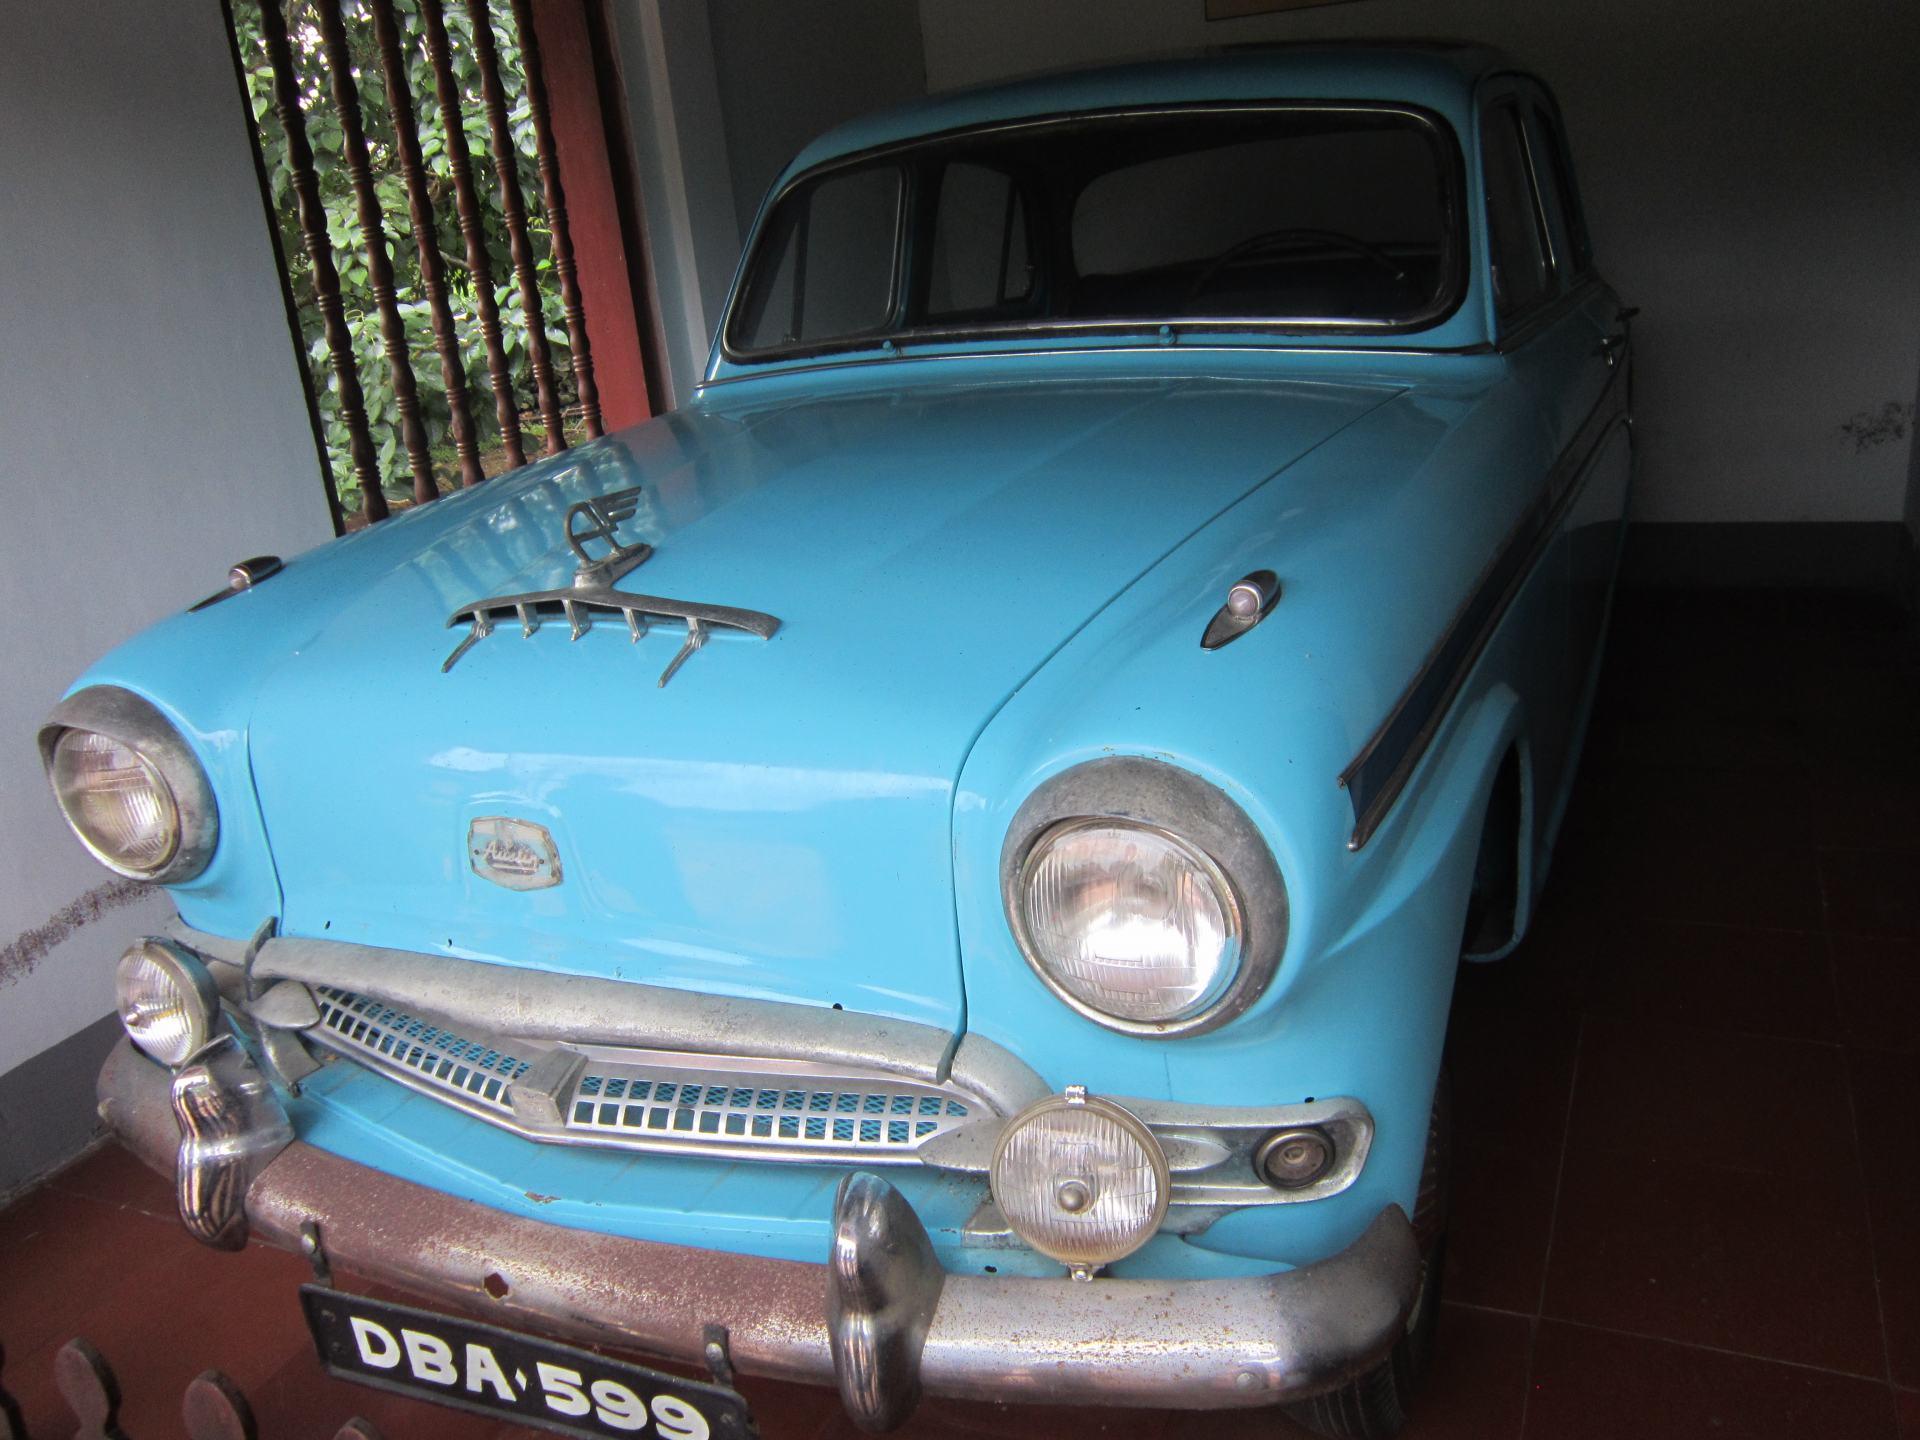 The car driven by Thích Quảng Đức to Saigon